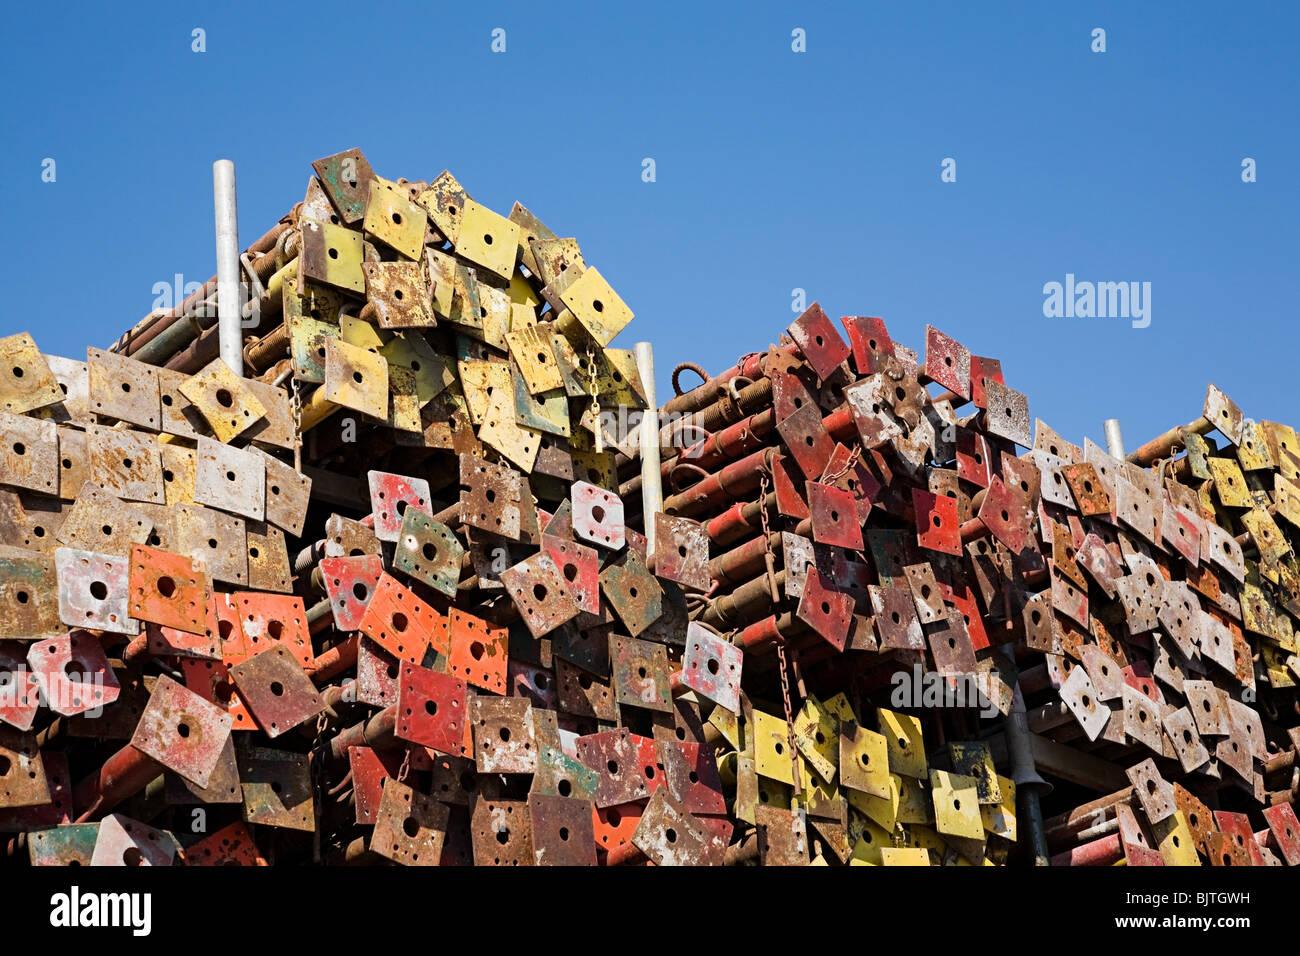 Stapel von Metallstangen Stockbild